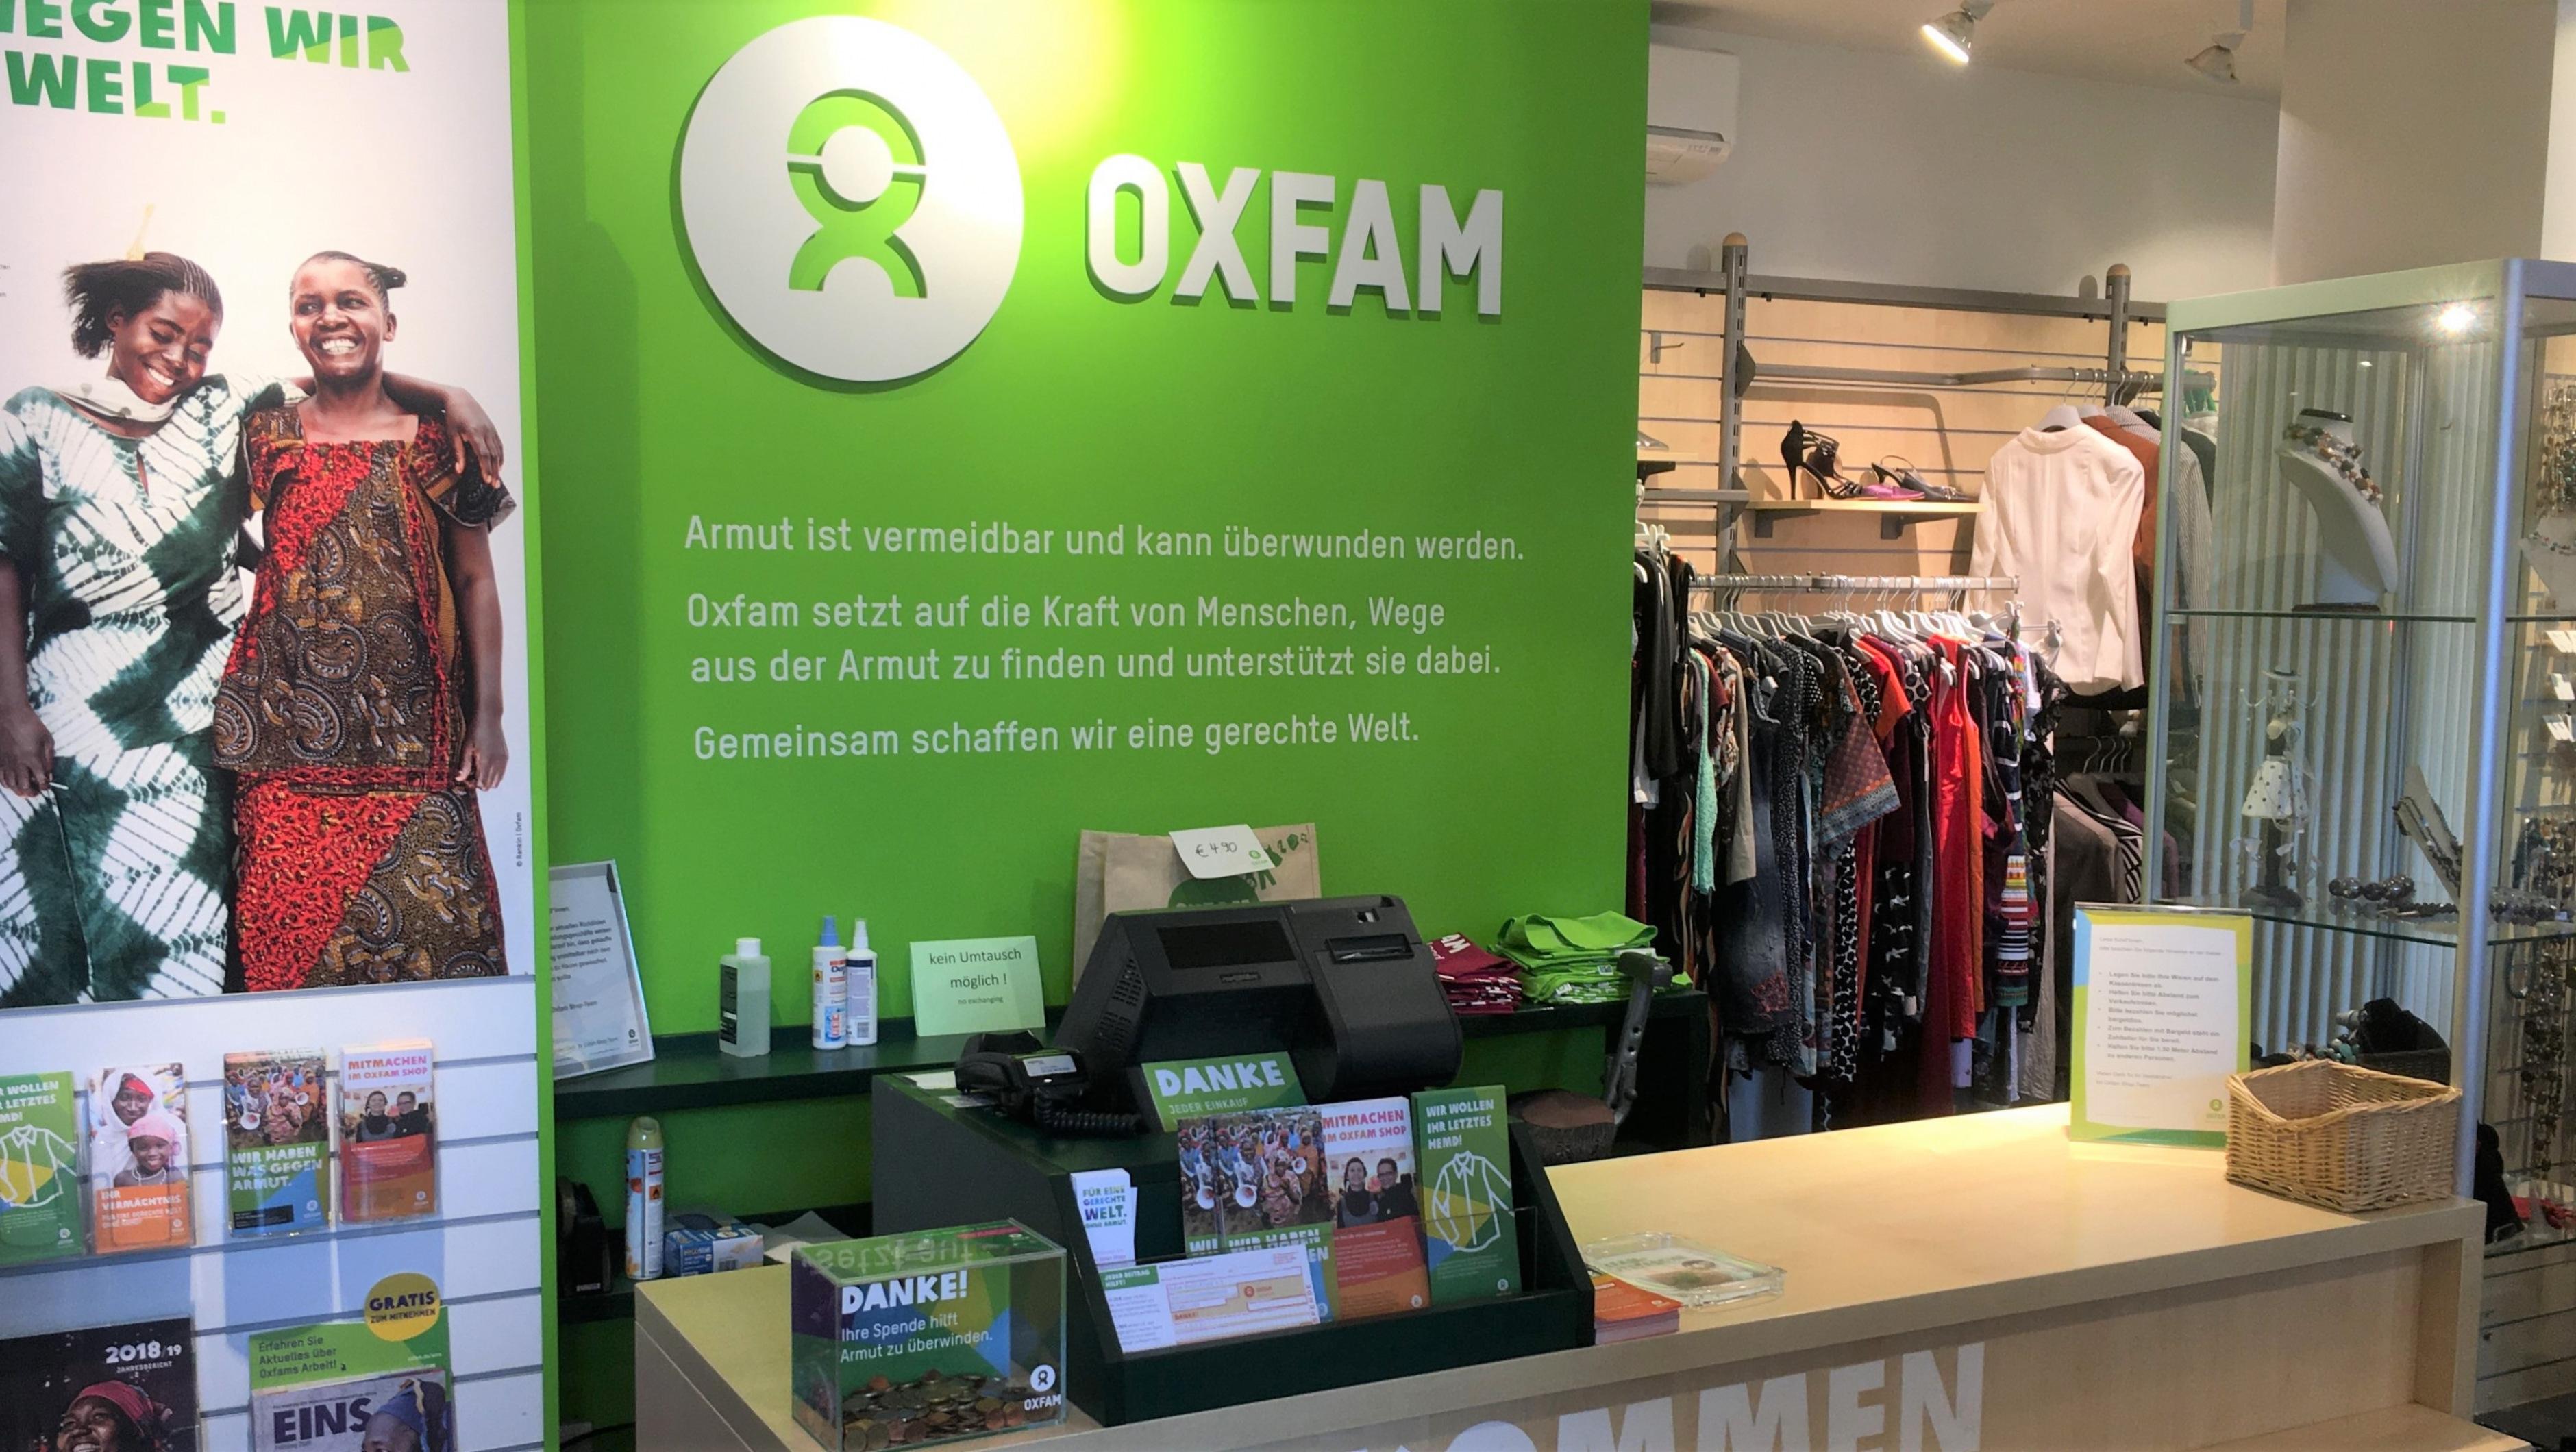 Oxfam Shop Frankfurt-Bockenheim Innenansicht